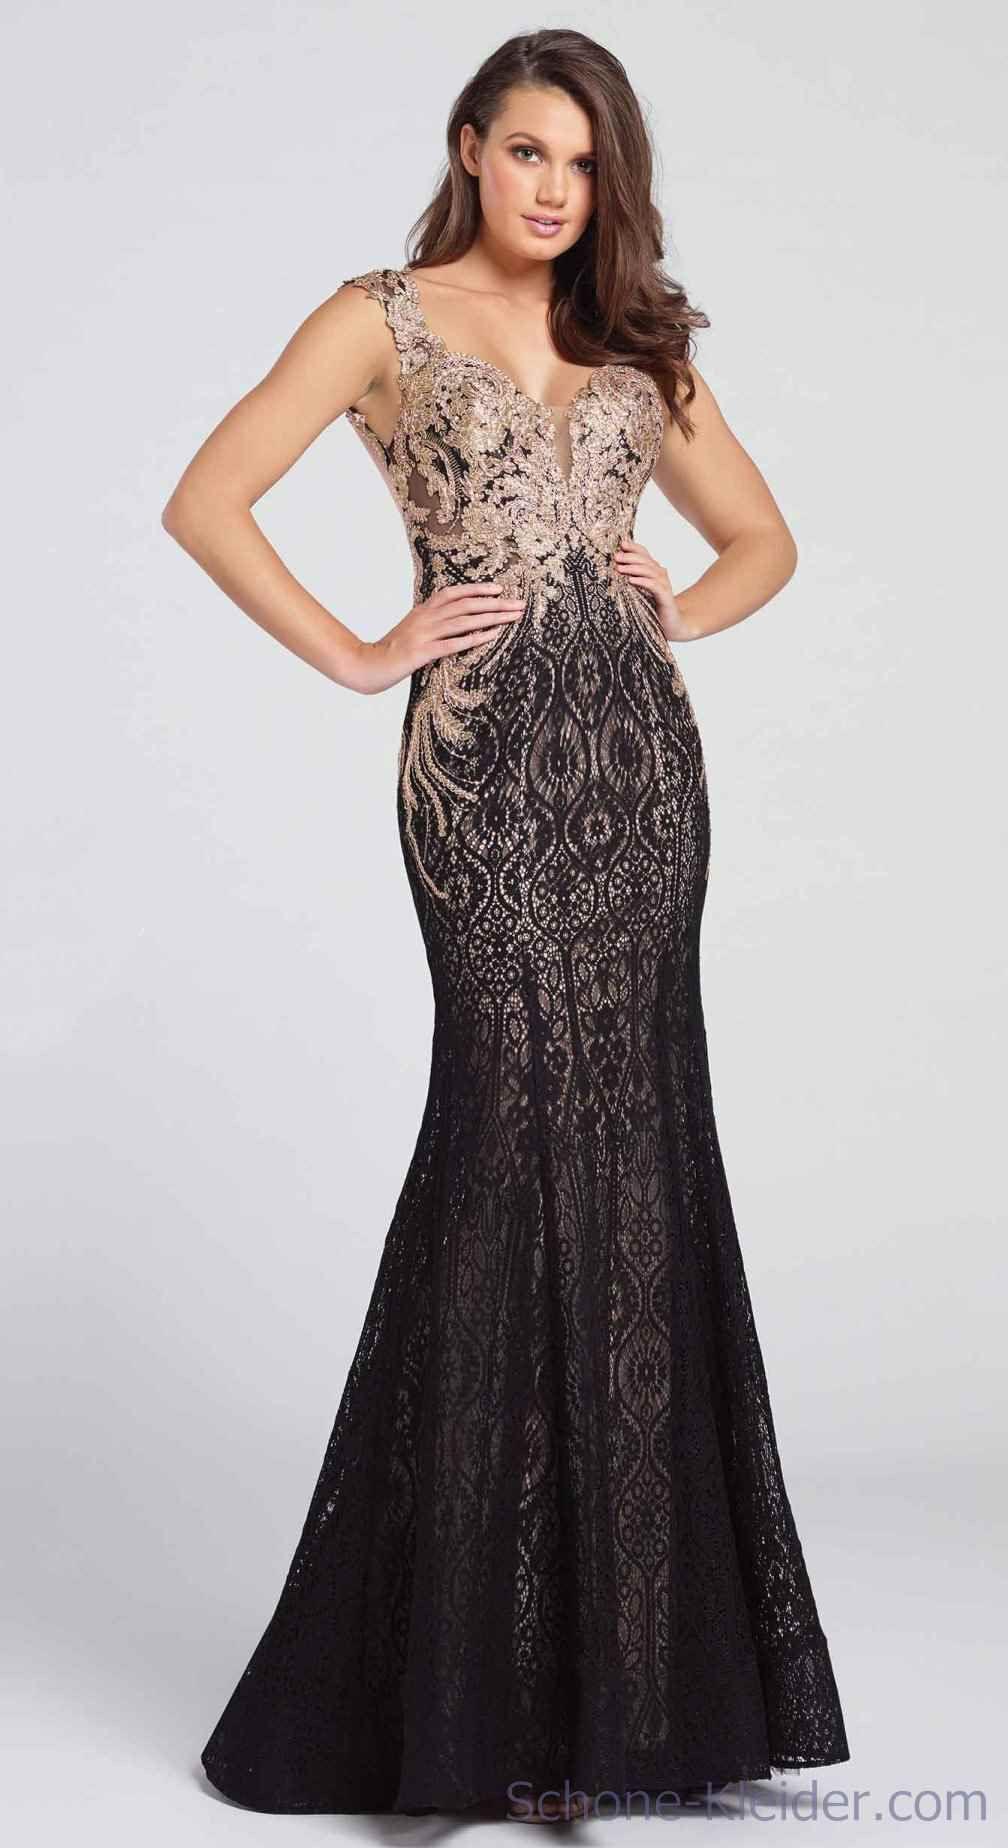 Formal Einzigartig C Und A Abend Kleider Design17 Elegant C Und A Abend Kleider Spezialgebiet